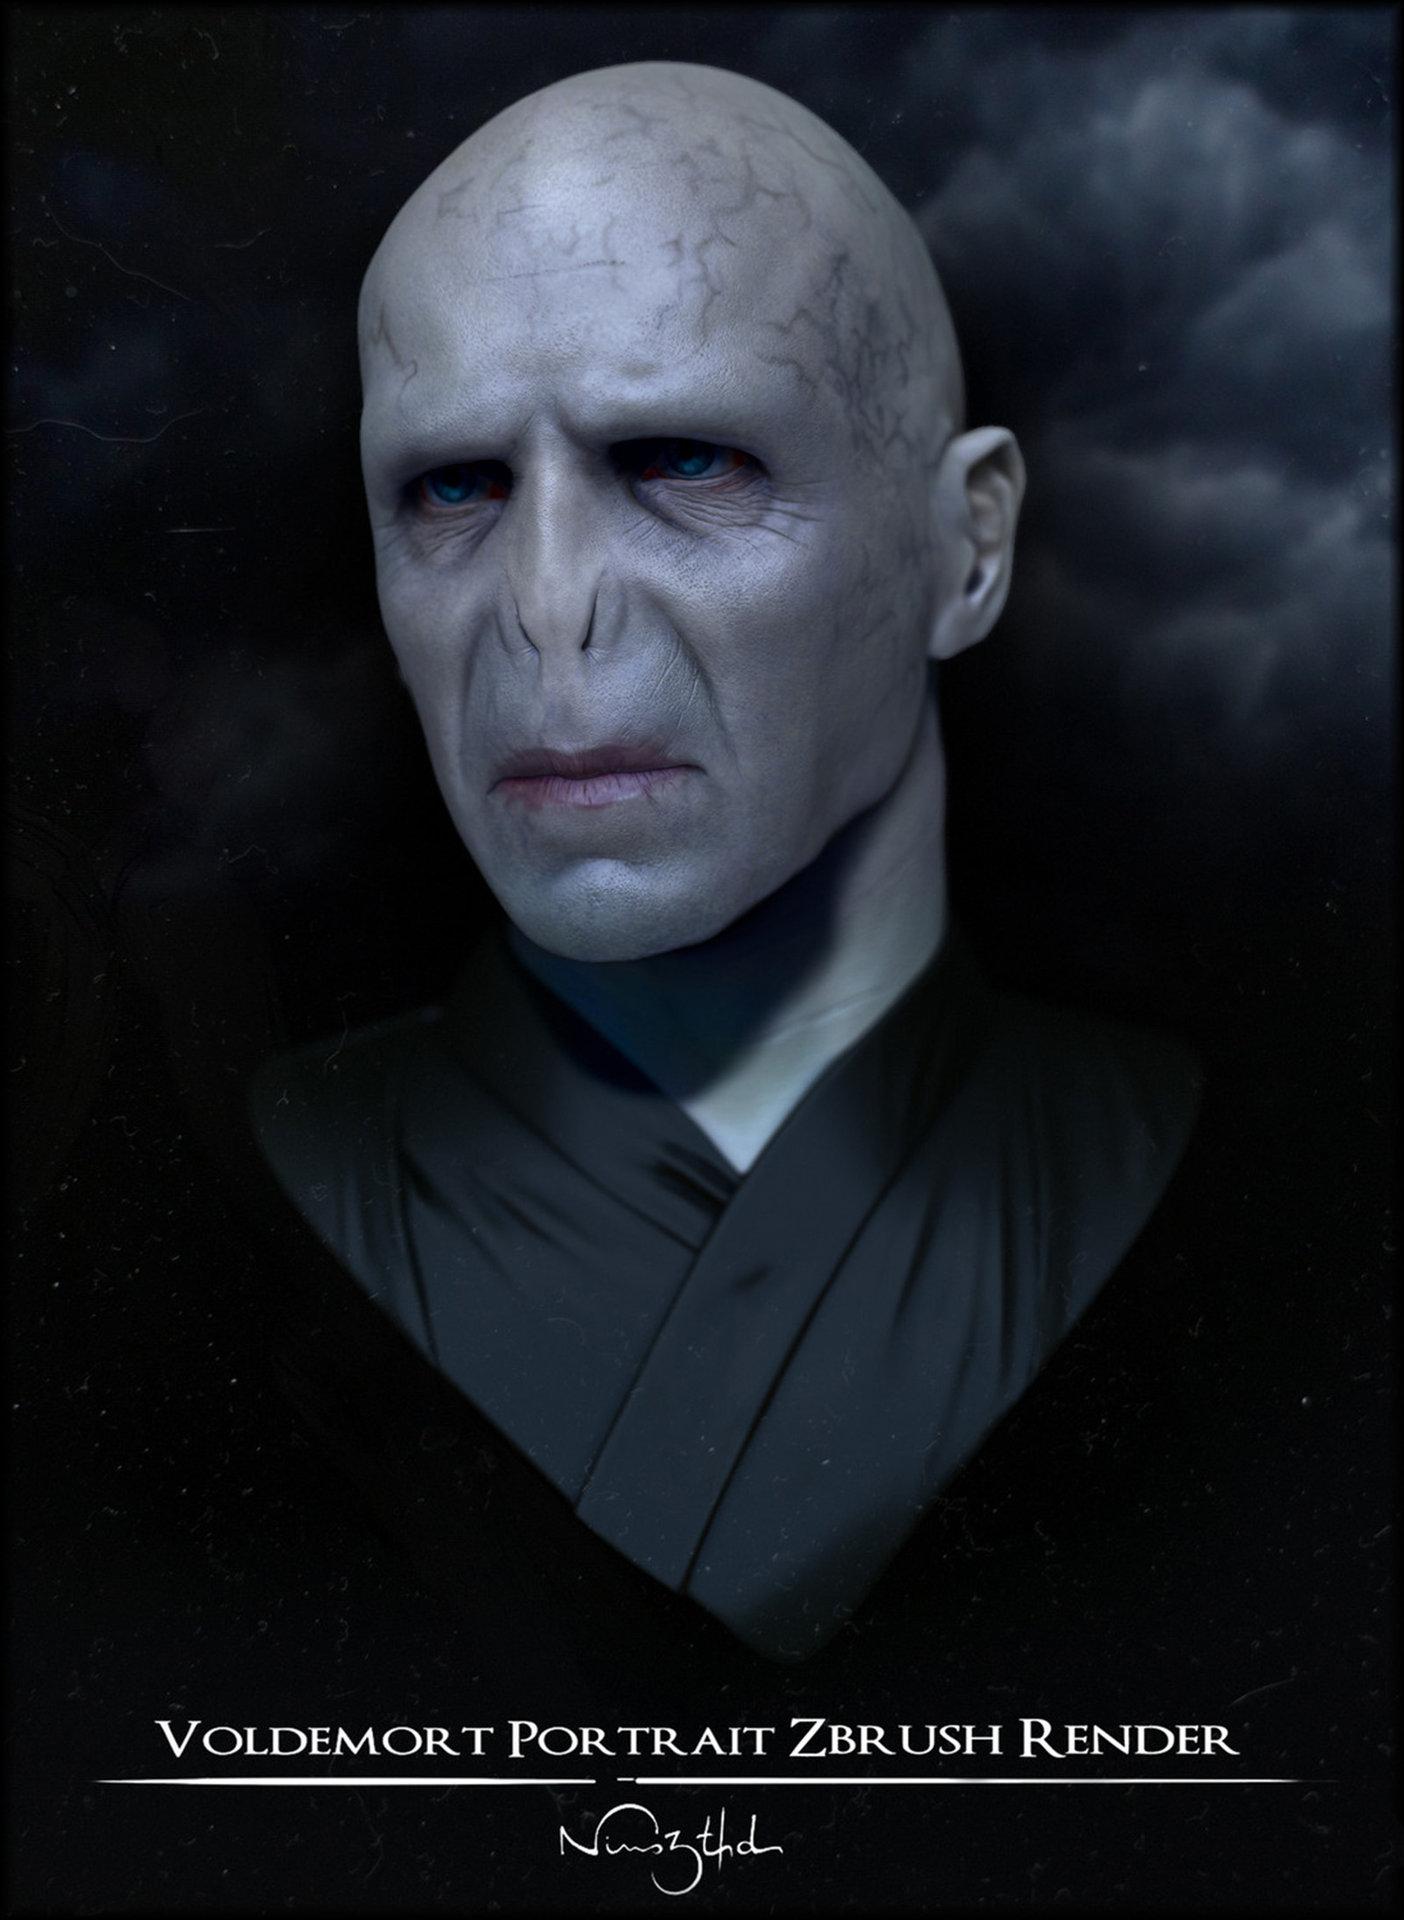 Voldemort render